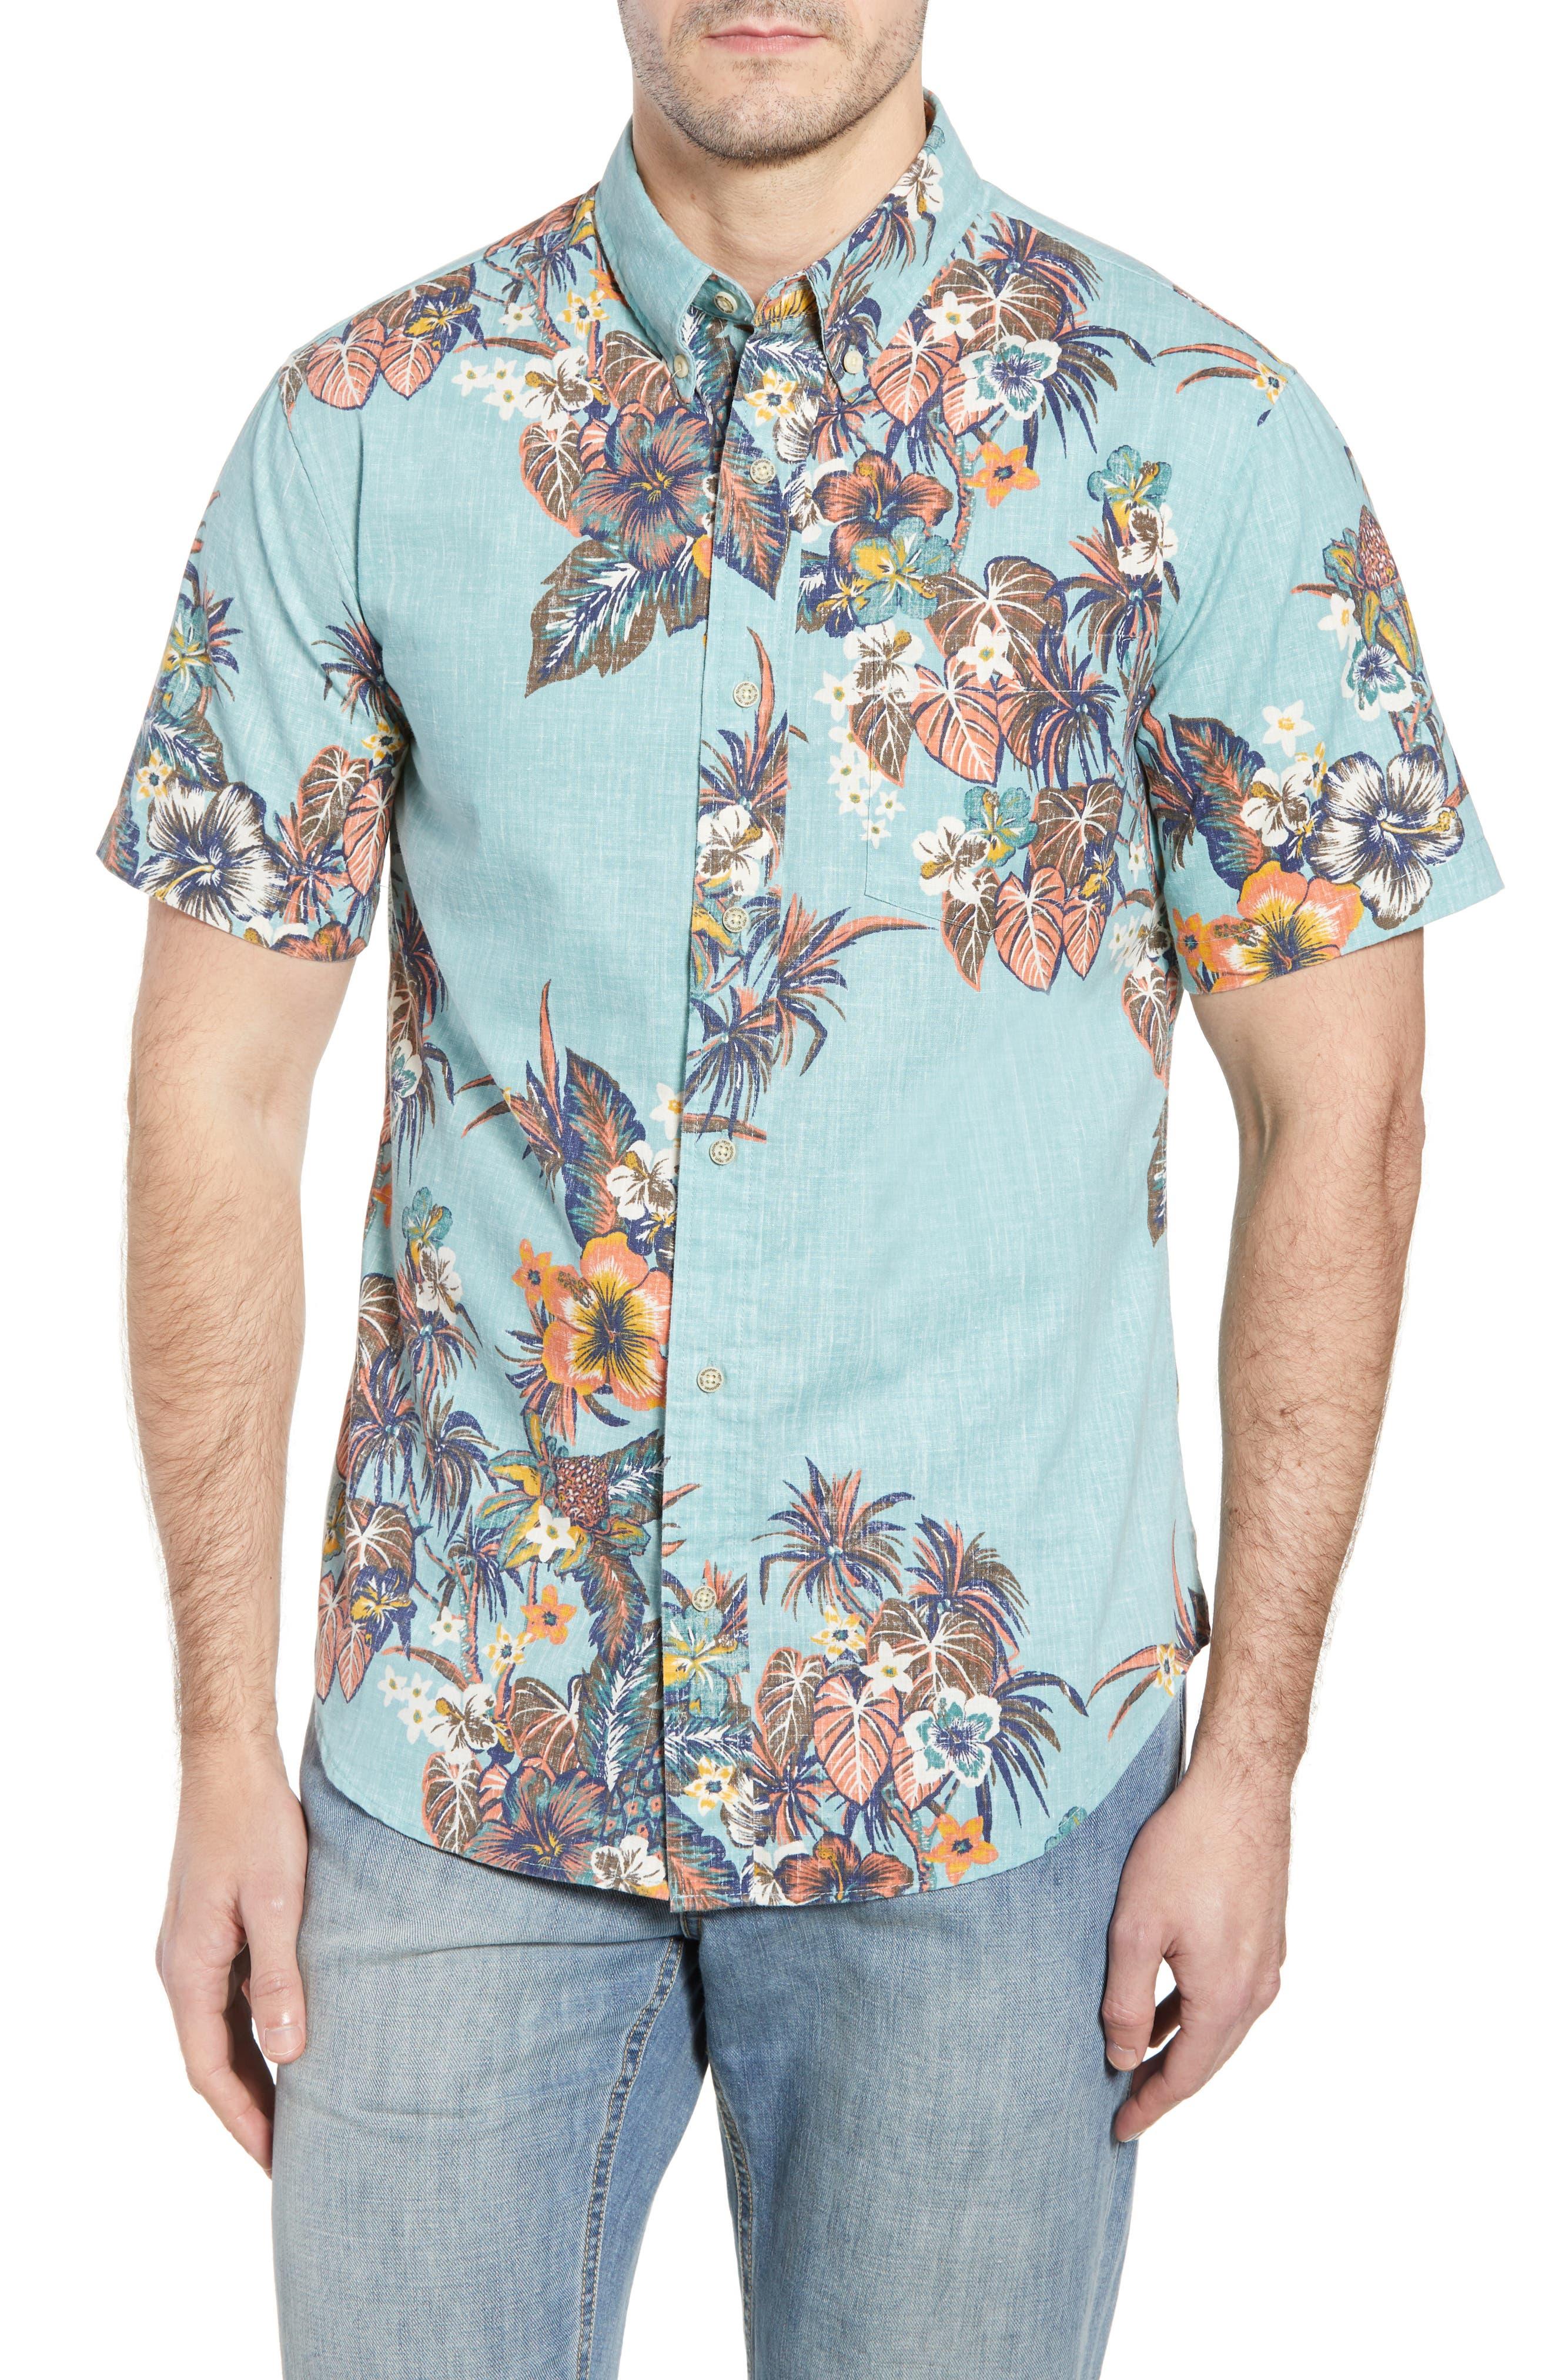 Pupas & Mai Tais Regular Fit Sport Shirt,                             Main thumbnail 1, color,                             Blue